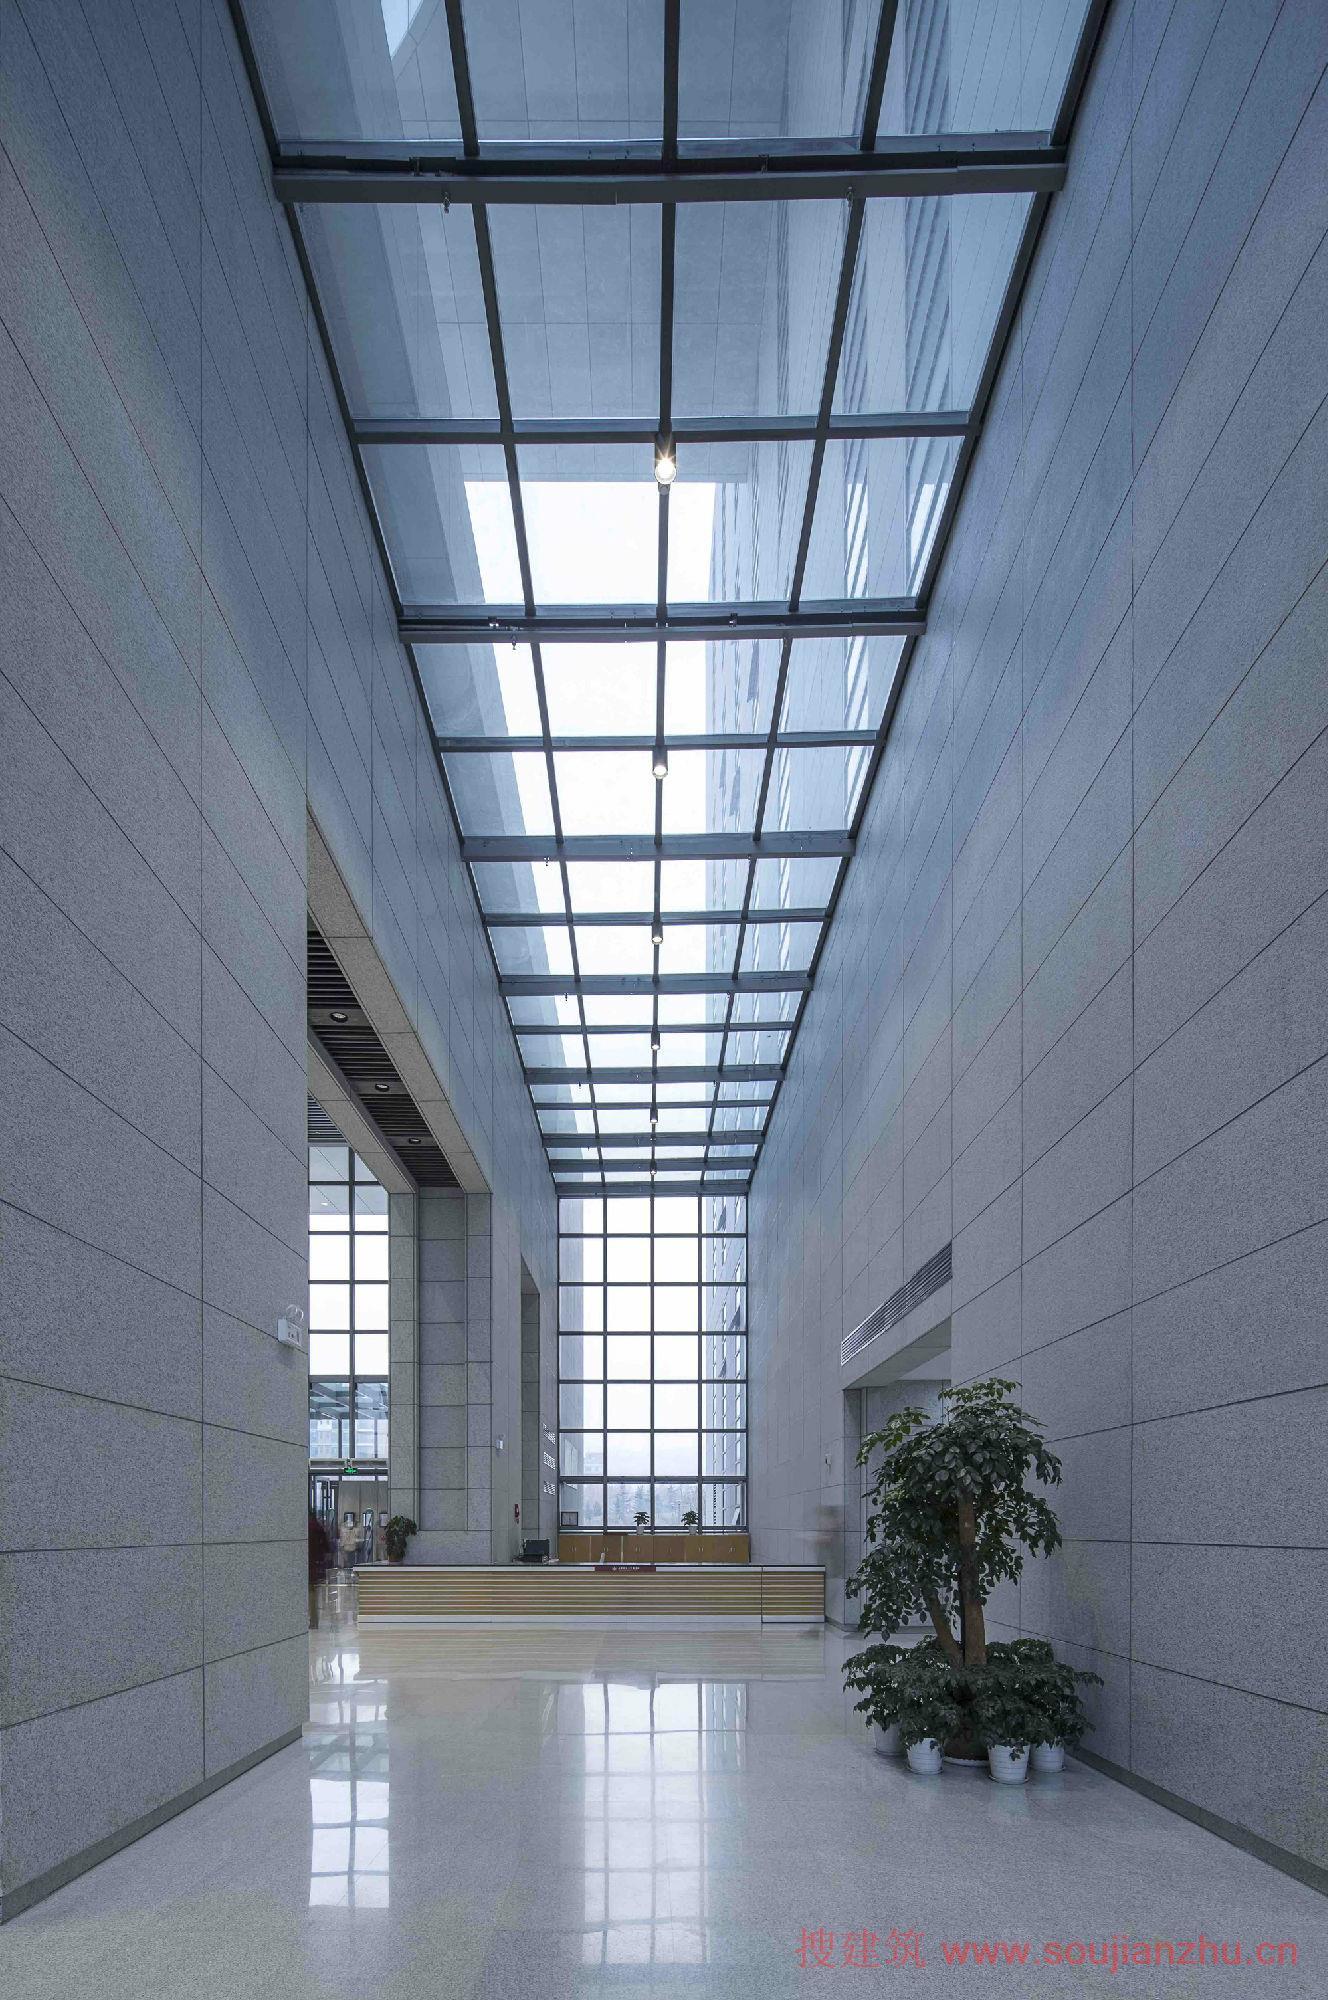 上海复旦大学图书馆_搜建筑网 -- 山东师范大学图书馆---UAD